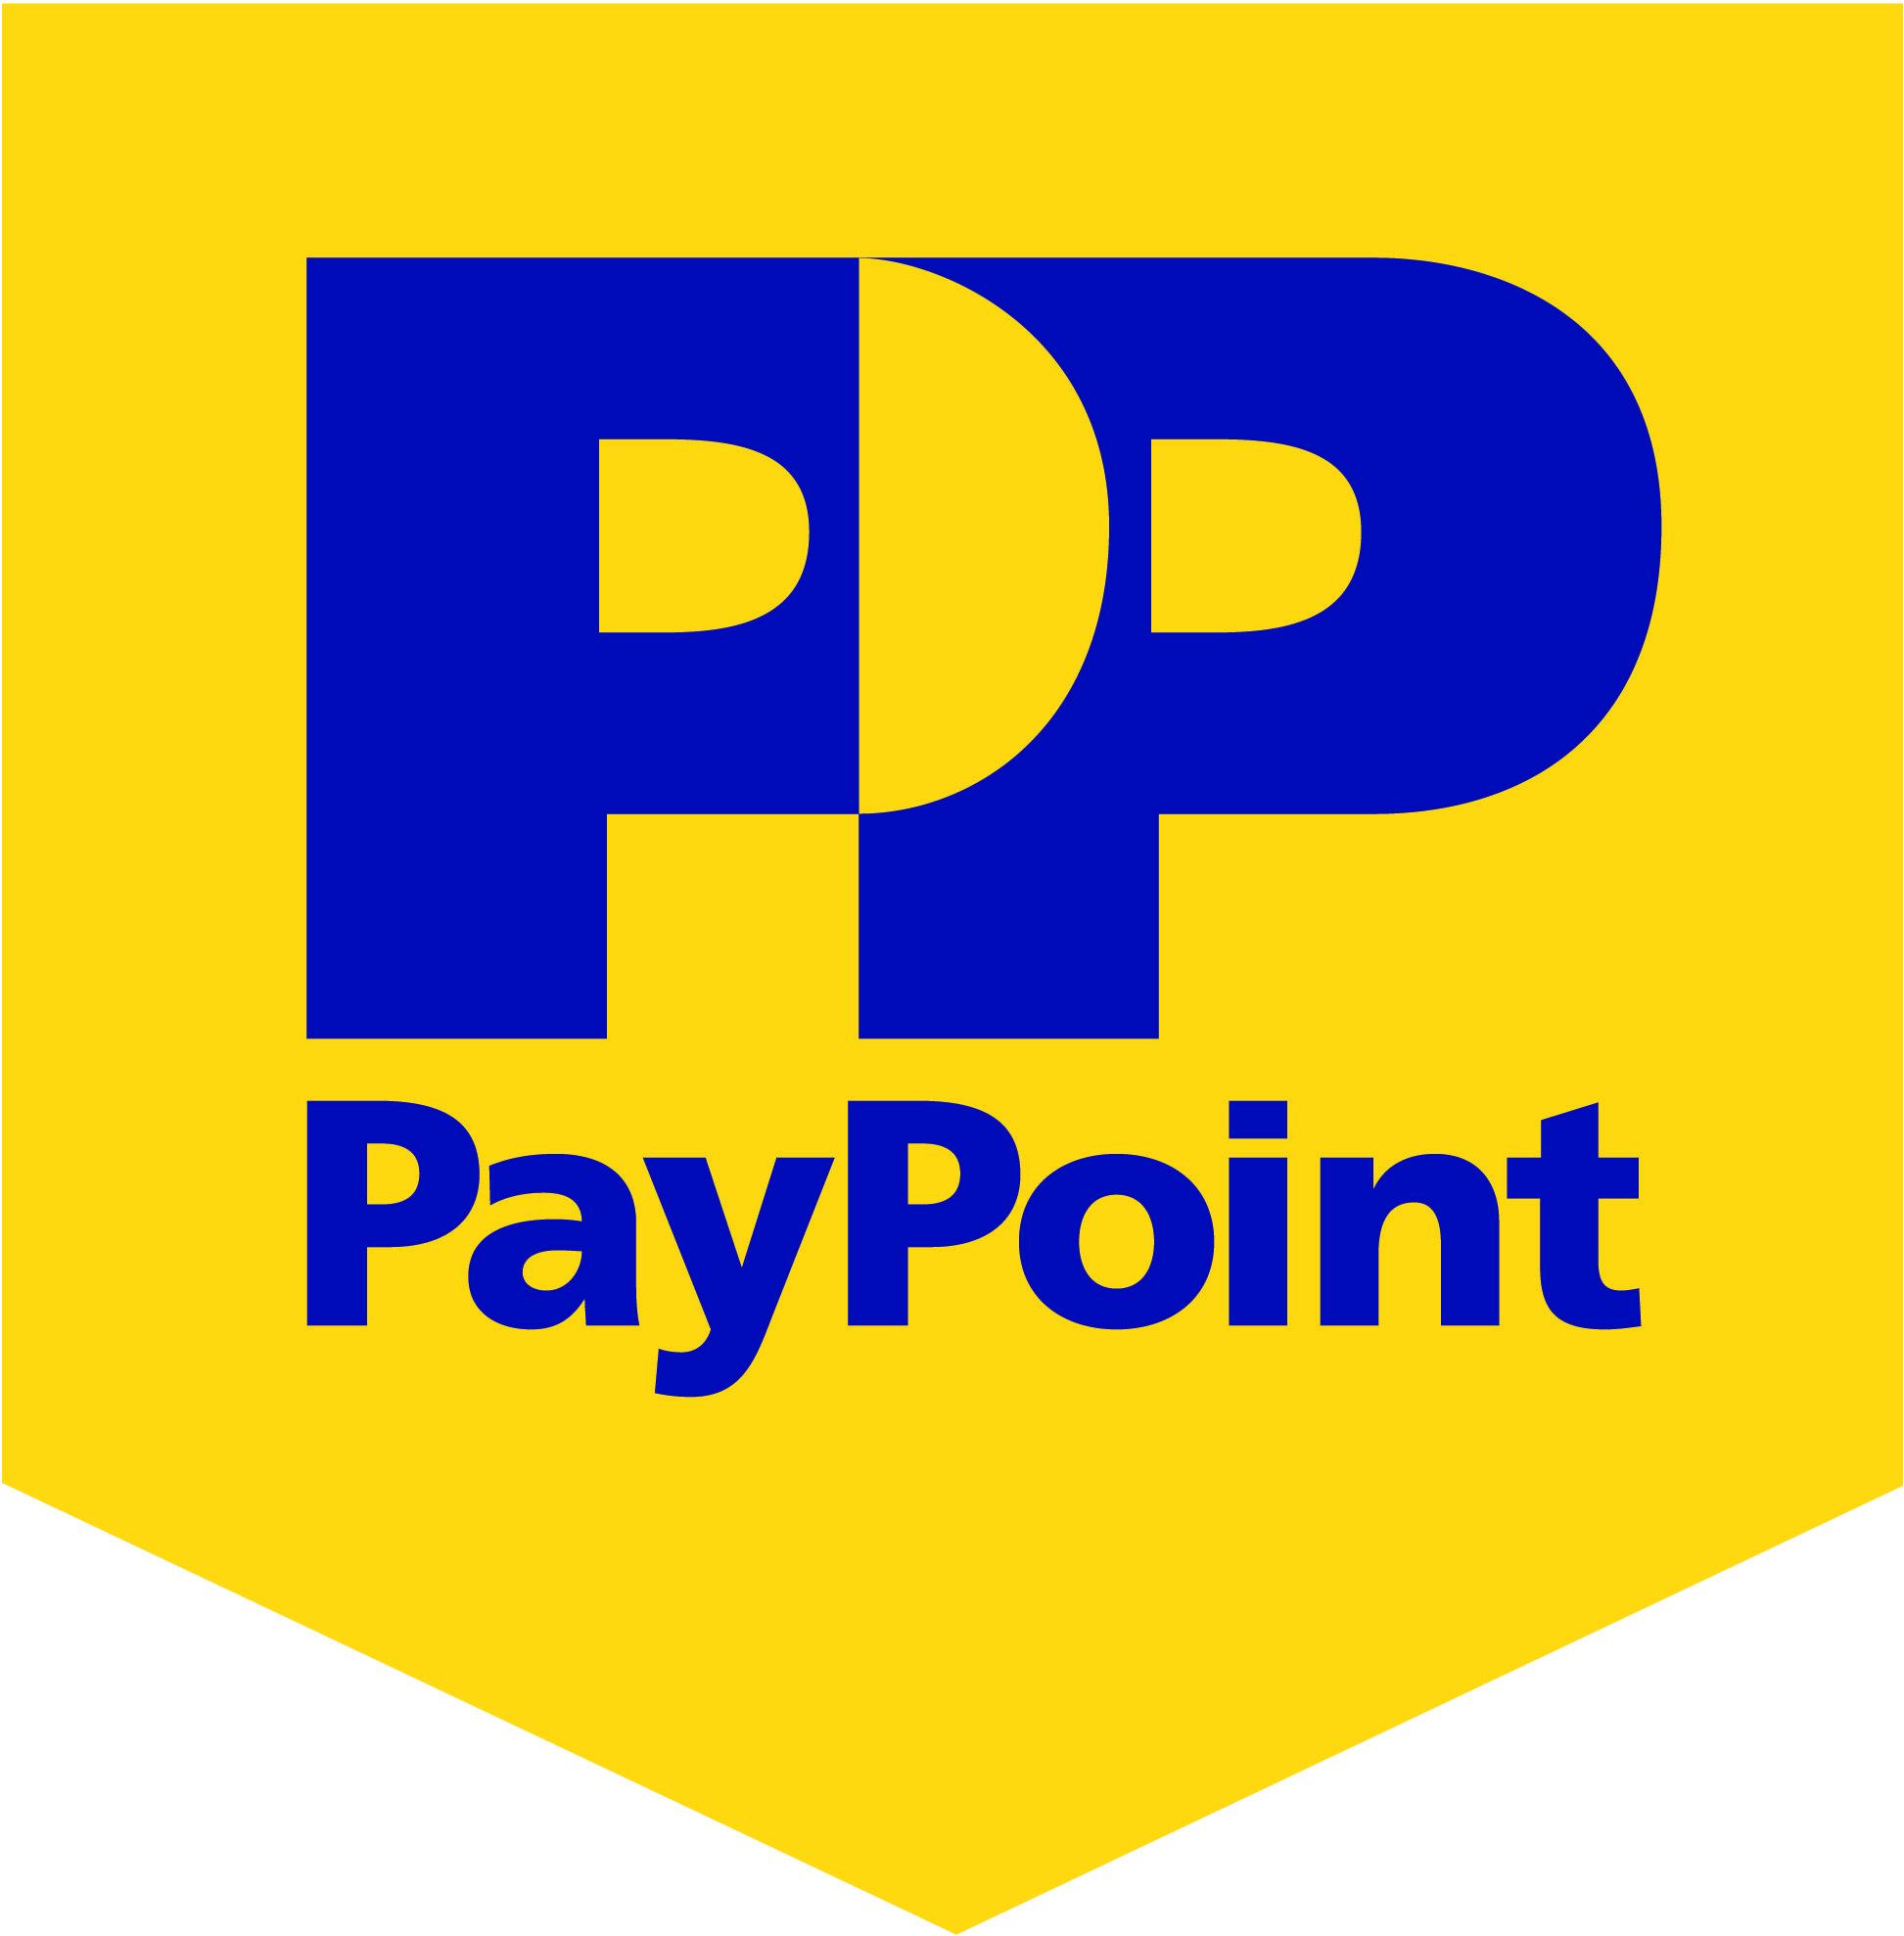 paypoint partener kruk creante